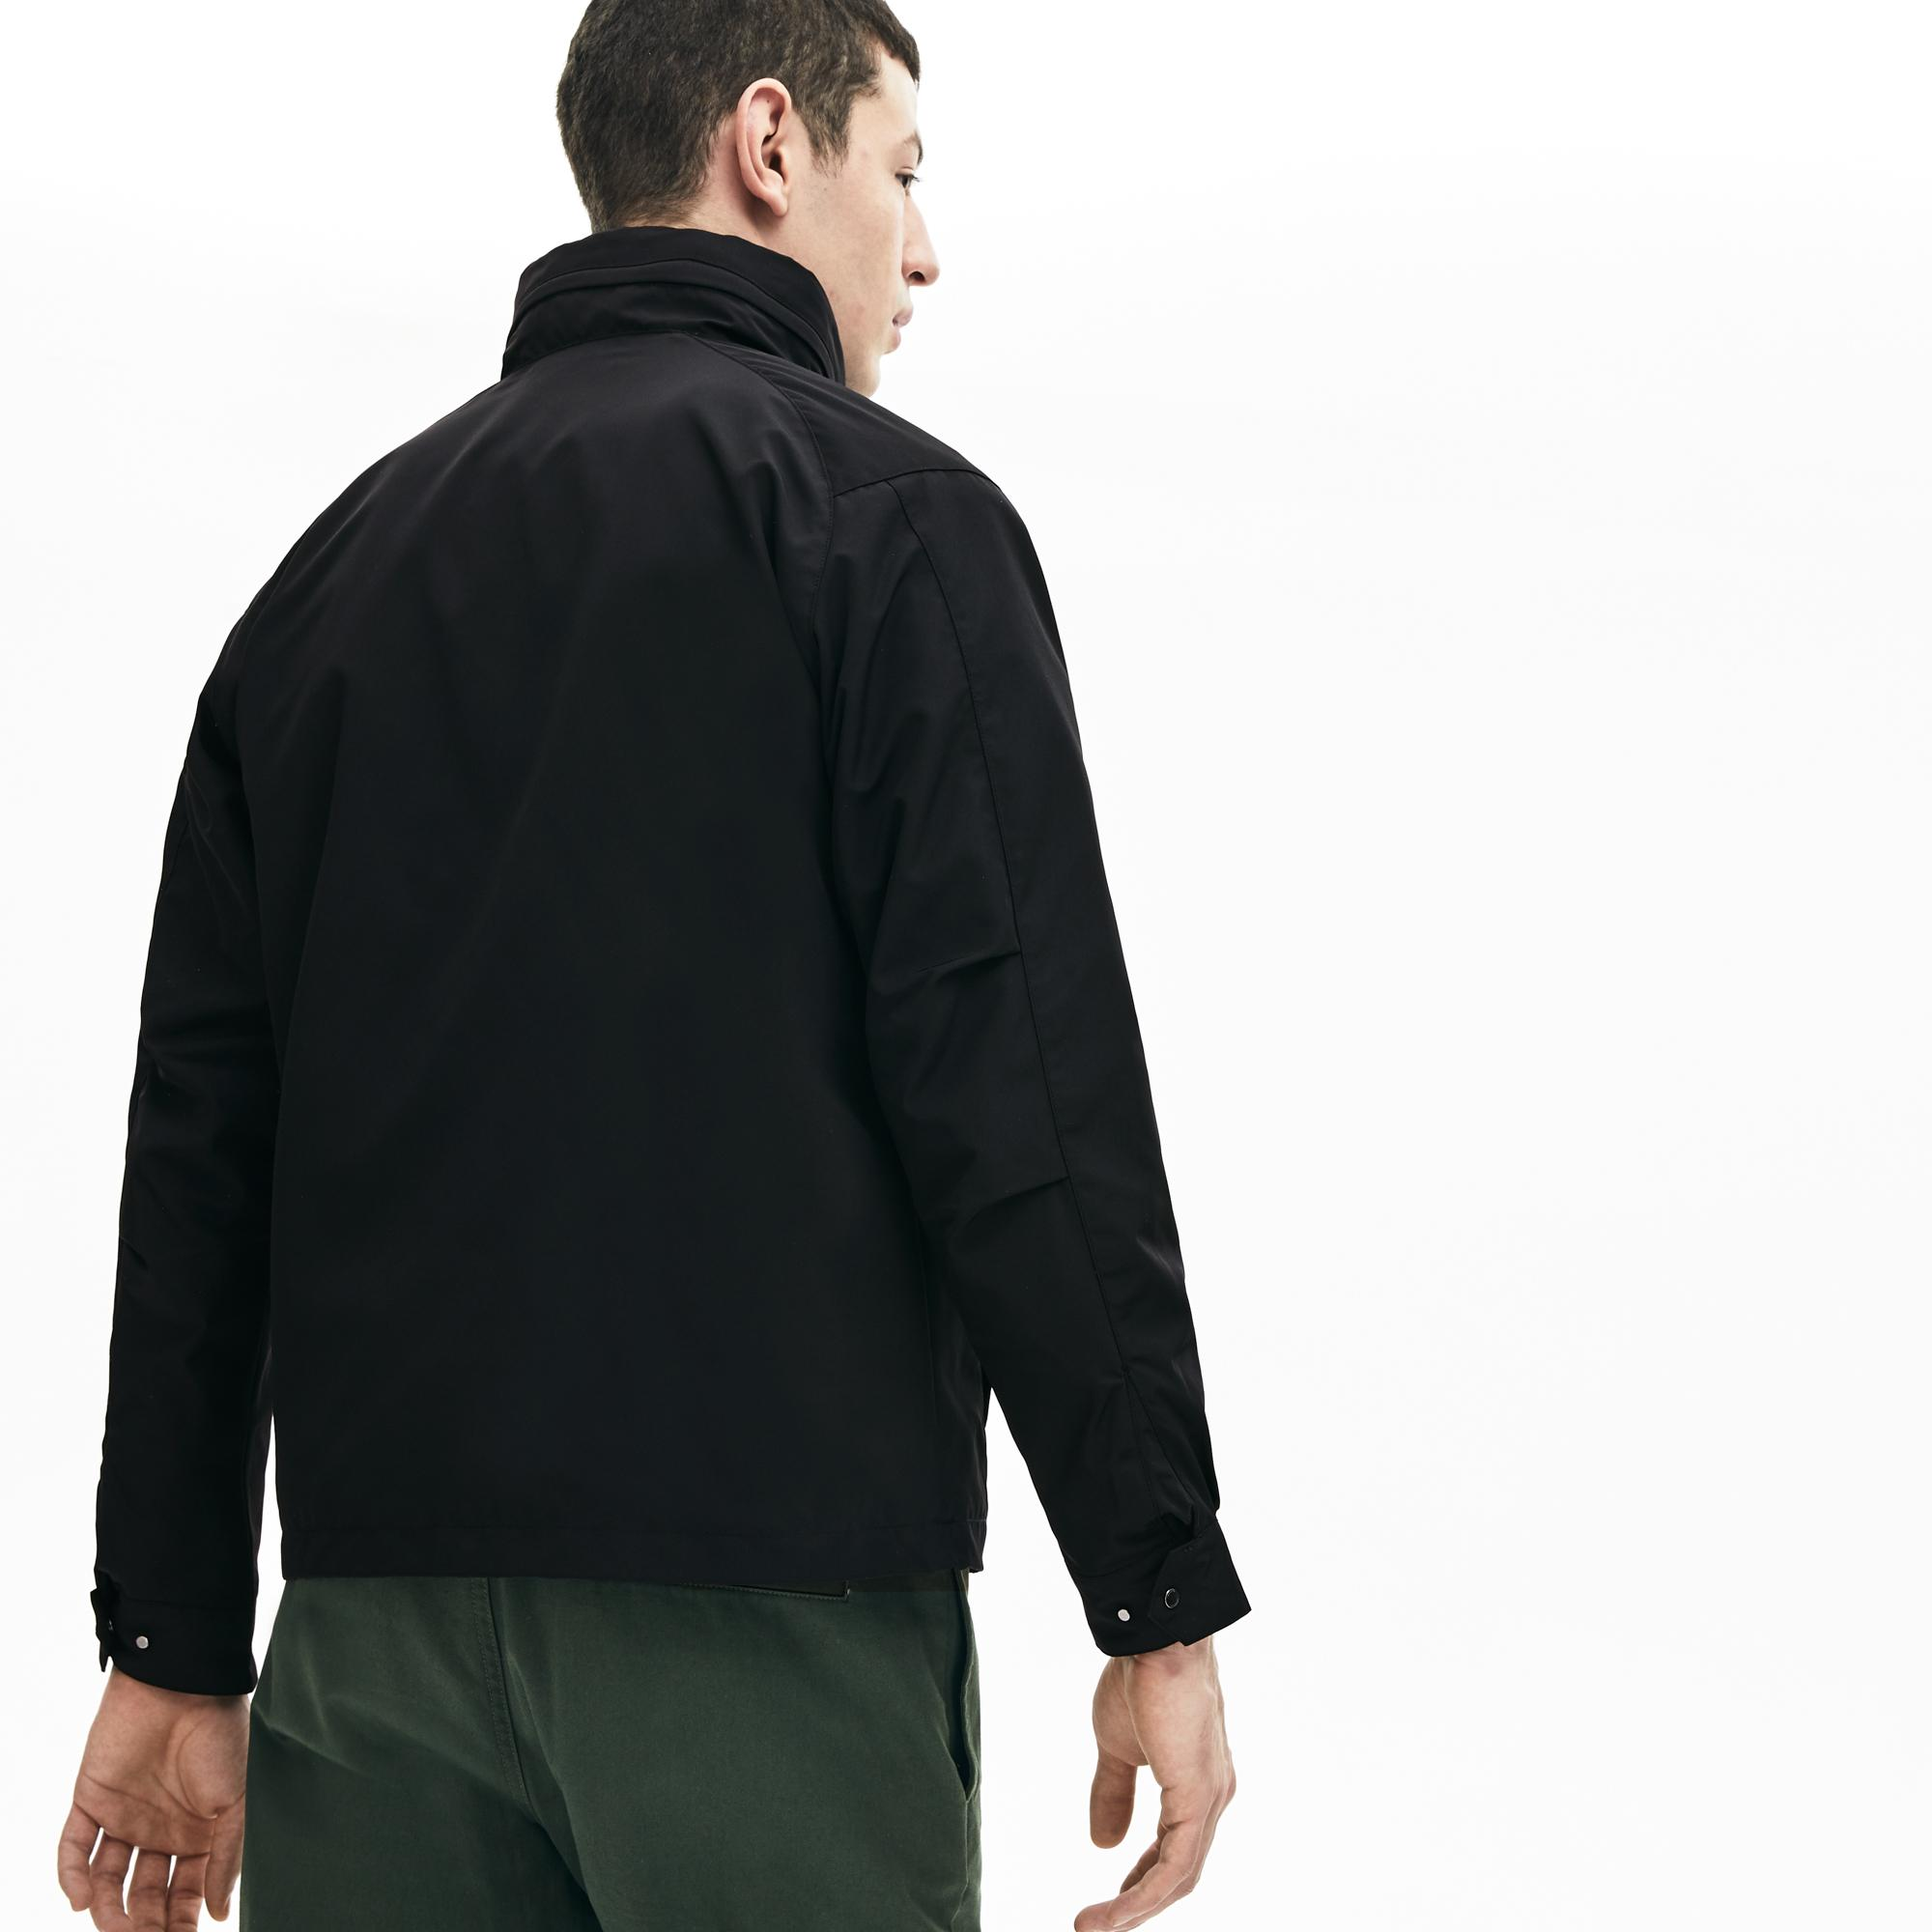 Lacoste Men's Lightweight Water-Resistant Zip Windbreaker